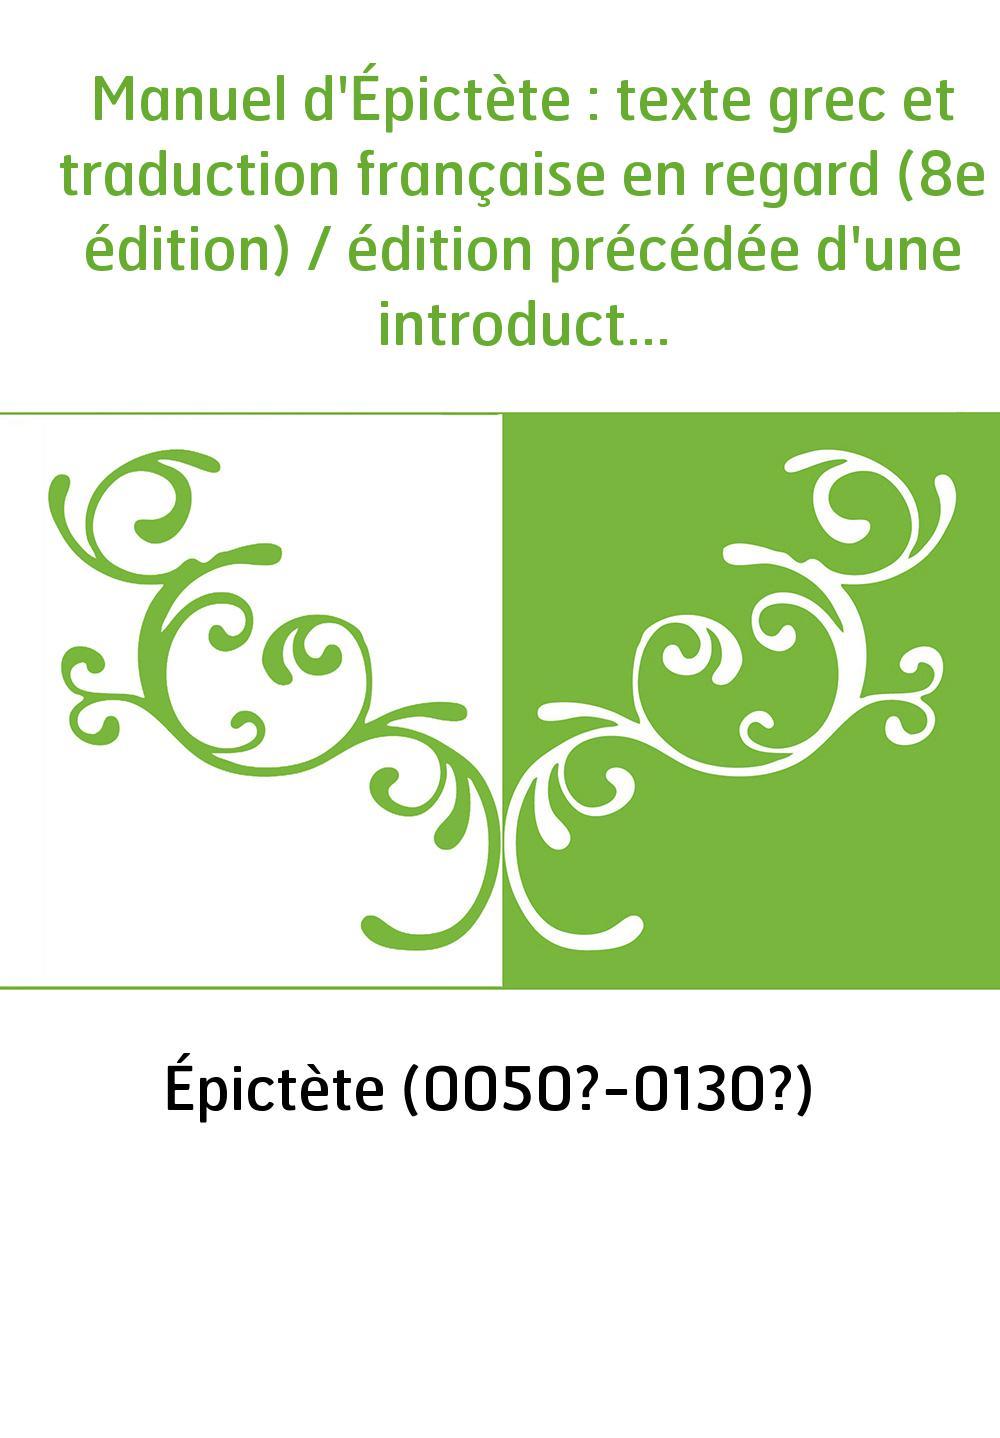 Manuel d'Épictète : texte grec et traduction française en regard (8e édition) / édition précédée d'une introduction et d'une ana